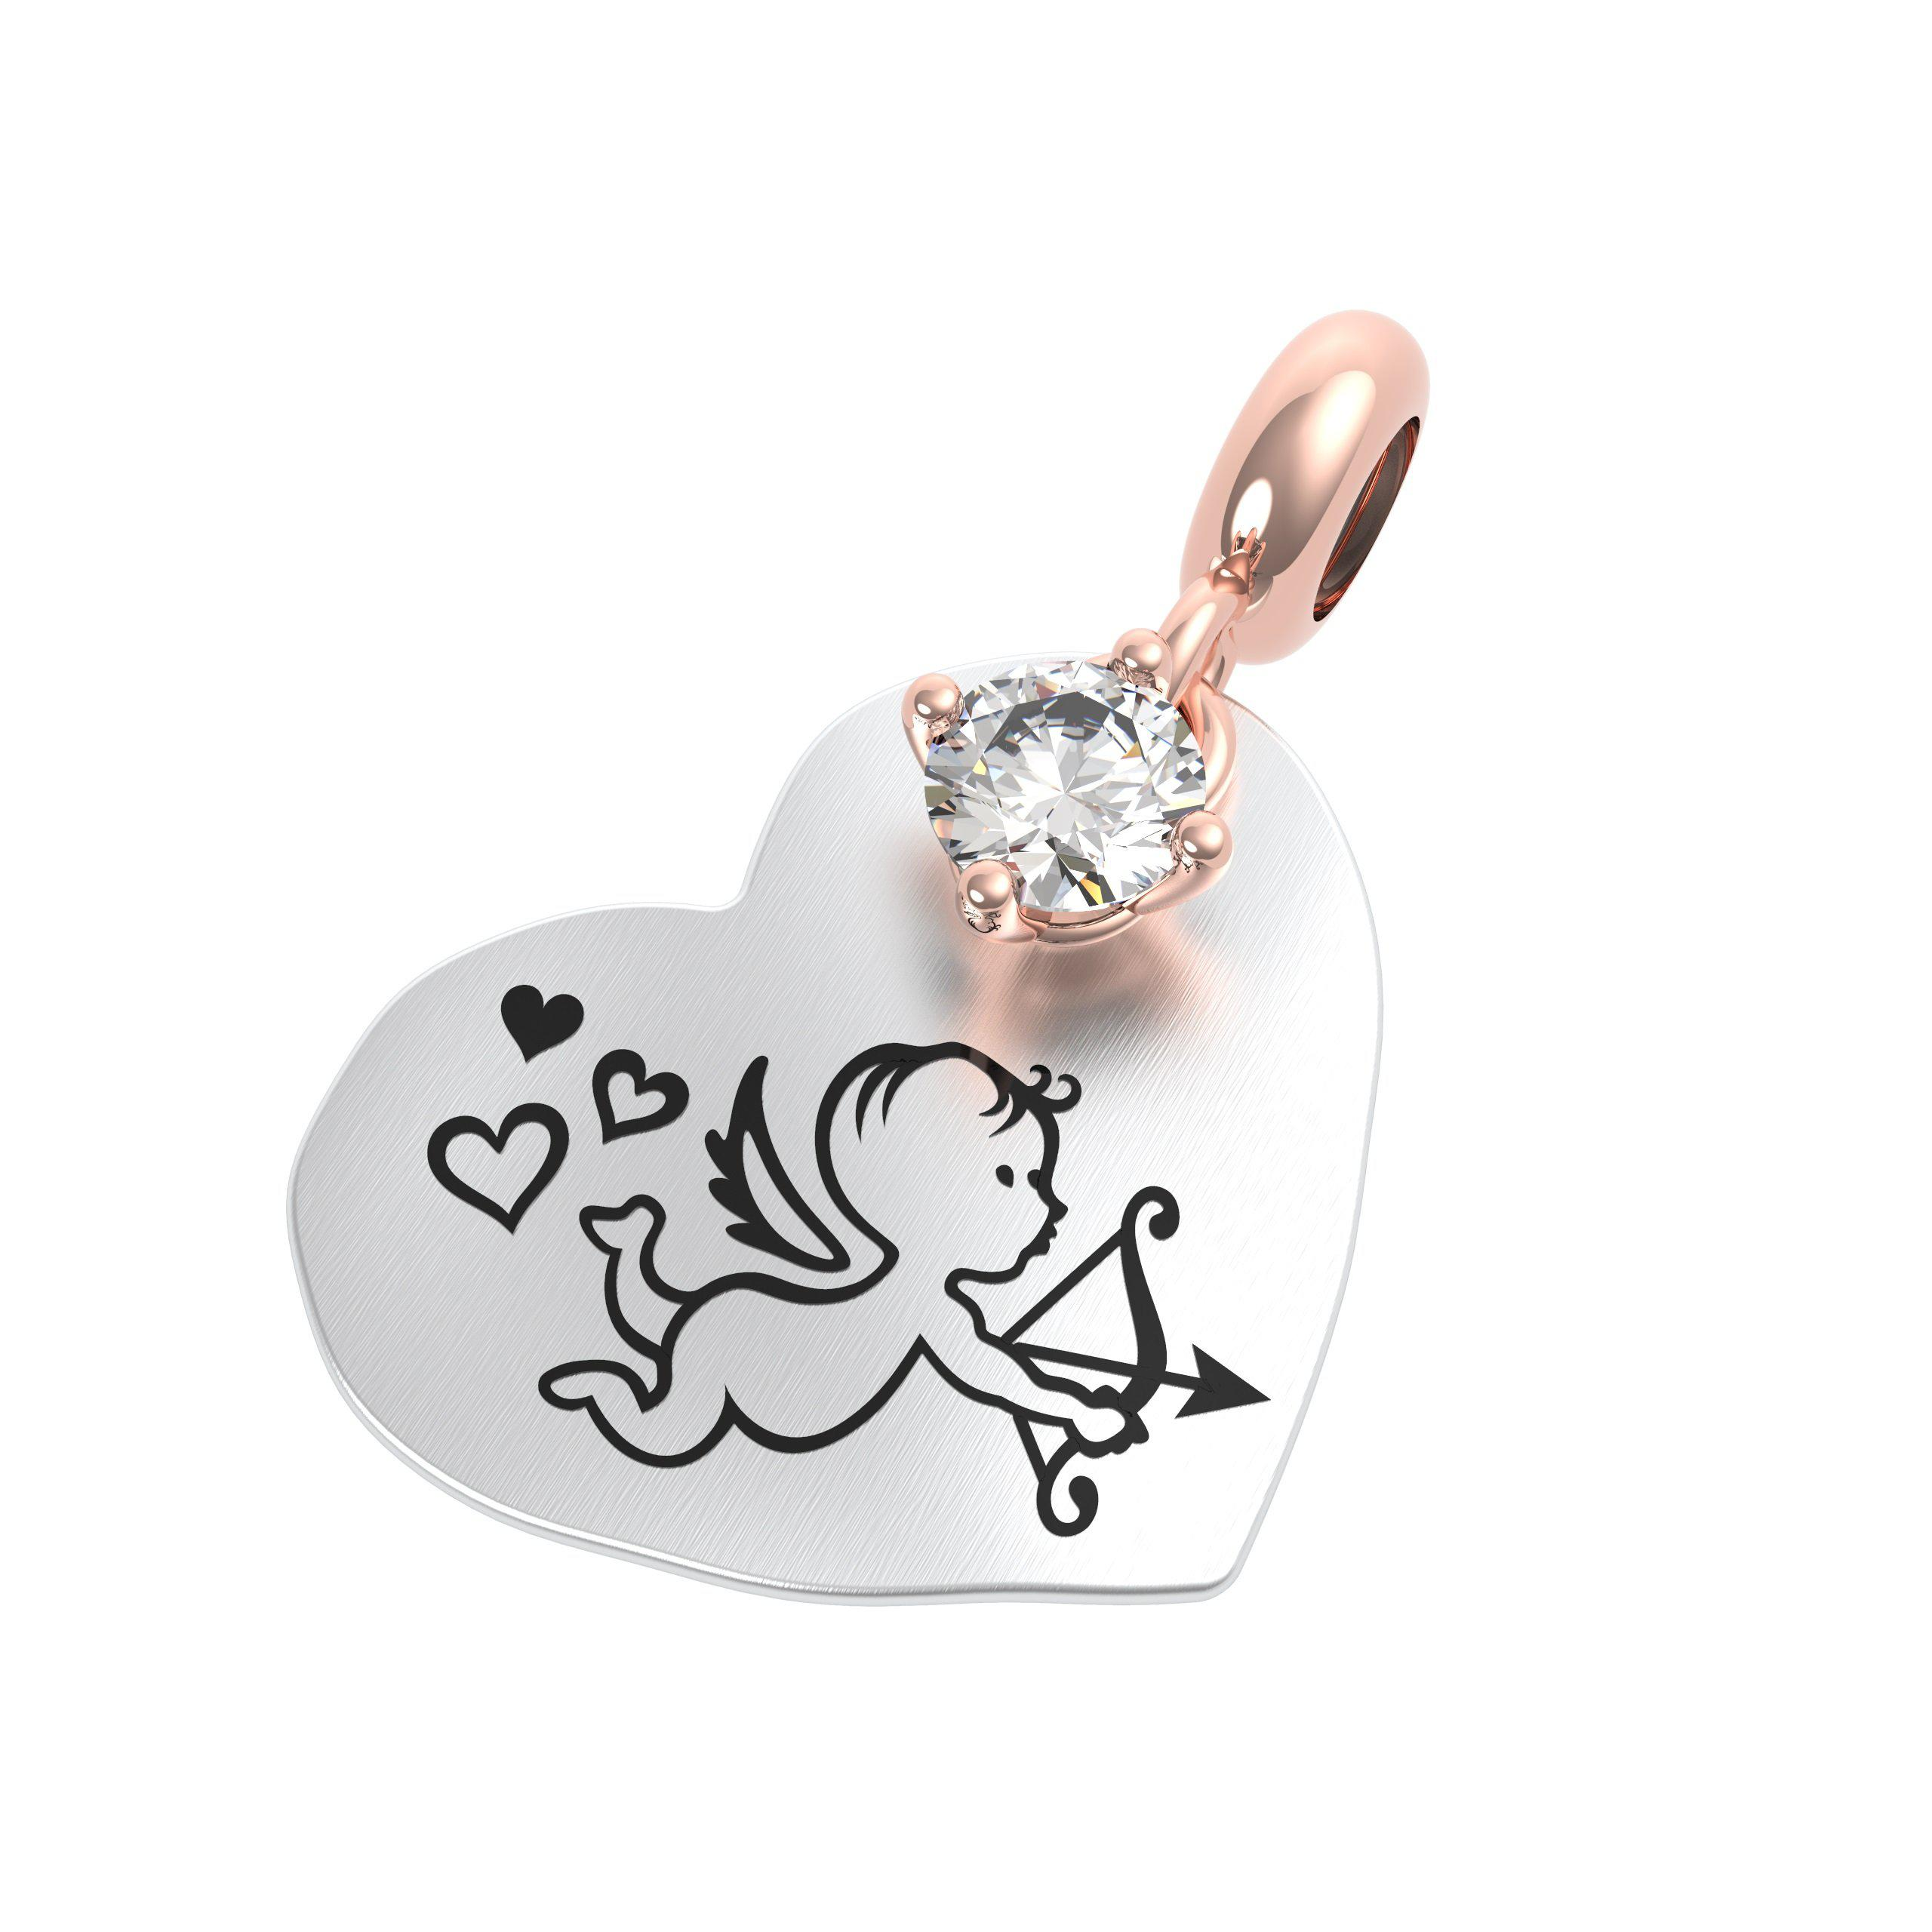 25063 Cristallo di rocca Amore